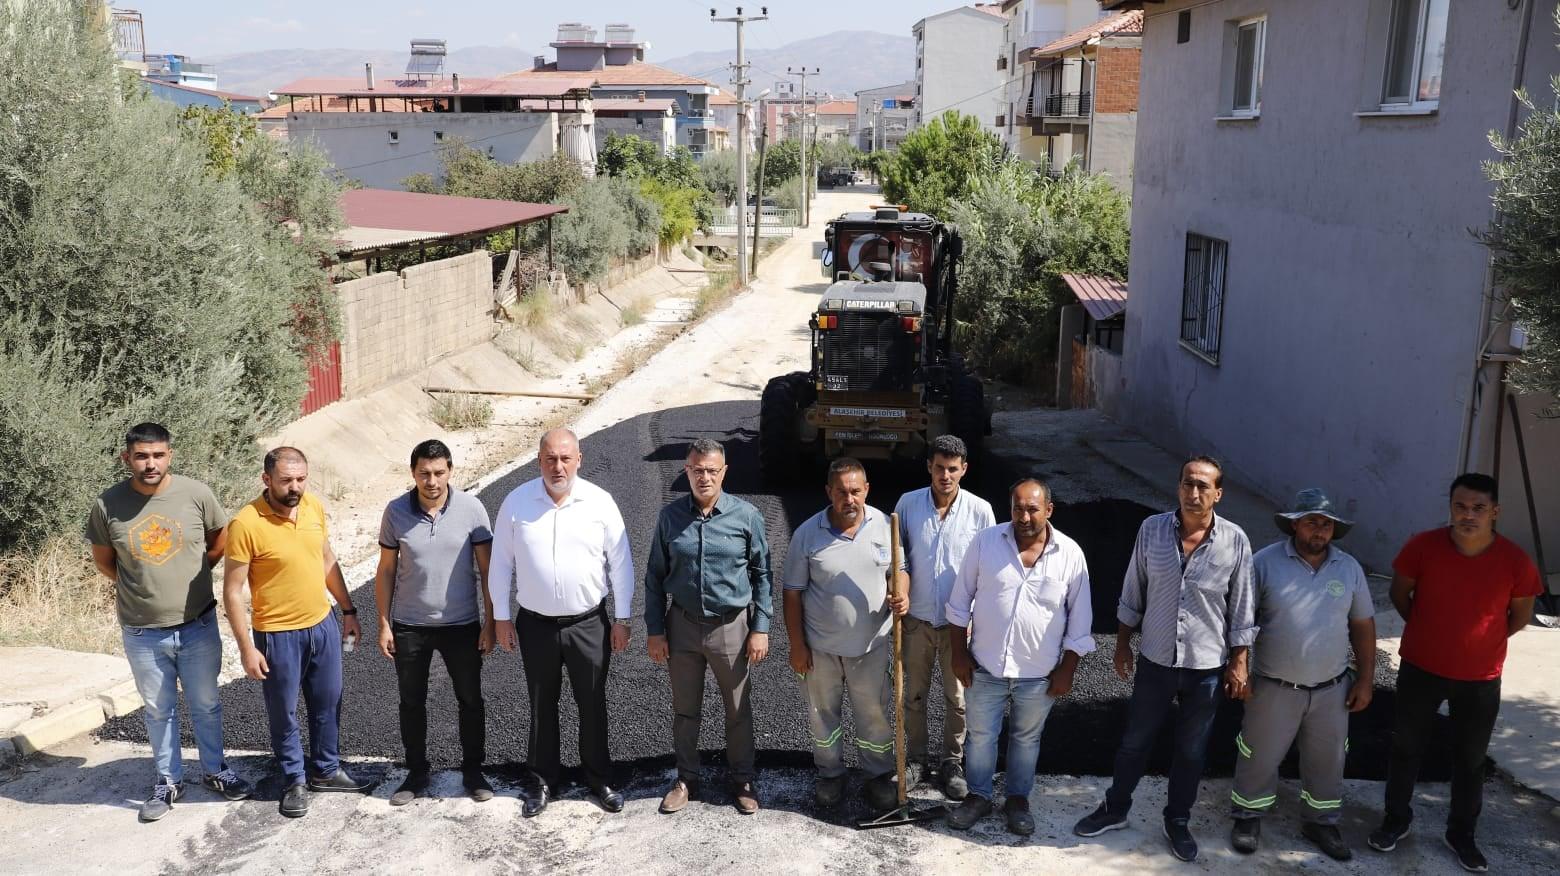 İstasyon Mahallemizdeki sıcak asfalt çalışmalarını yerinde inceliyoruz.